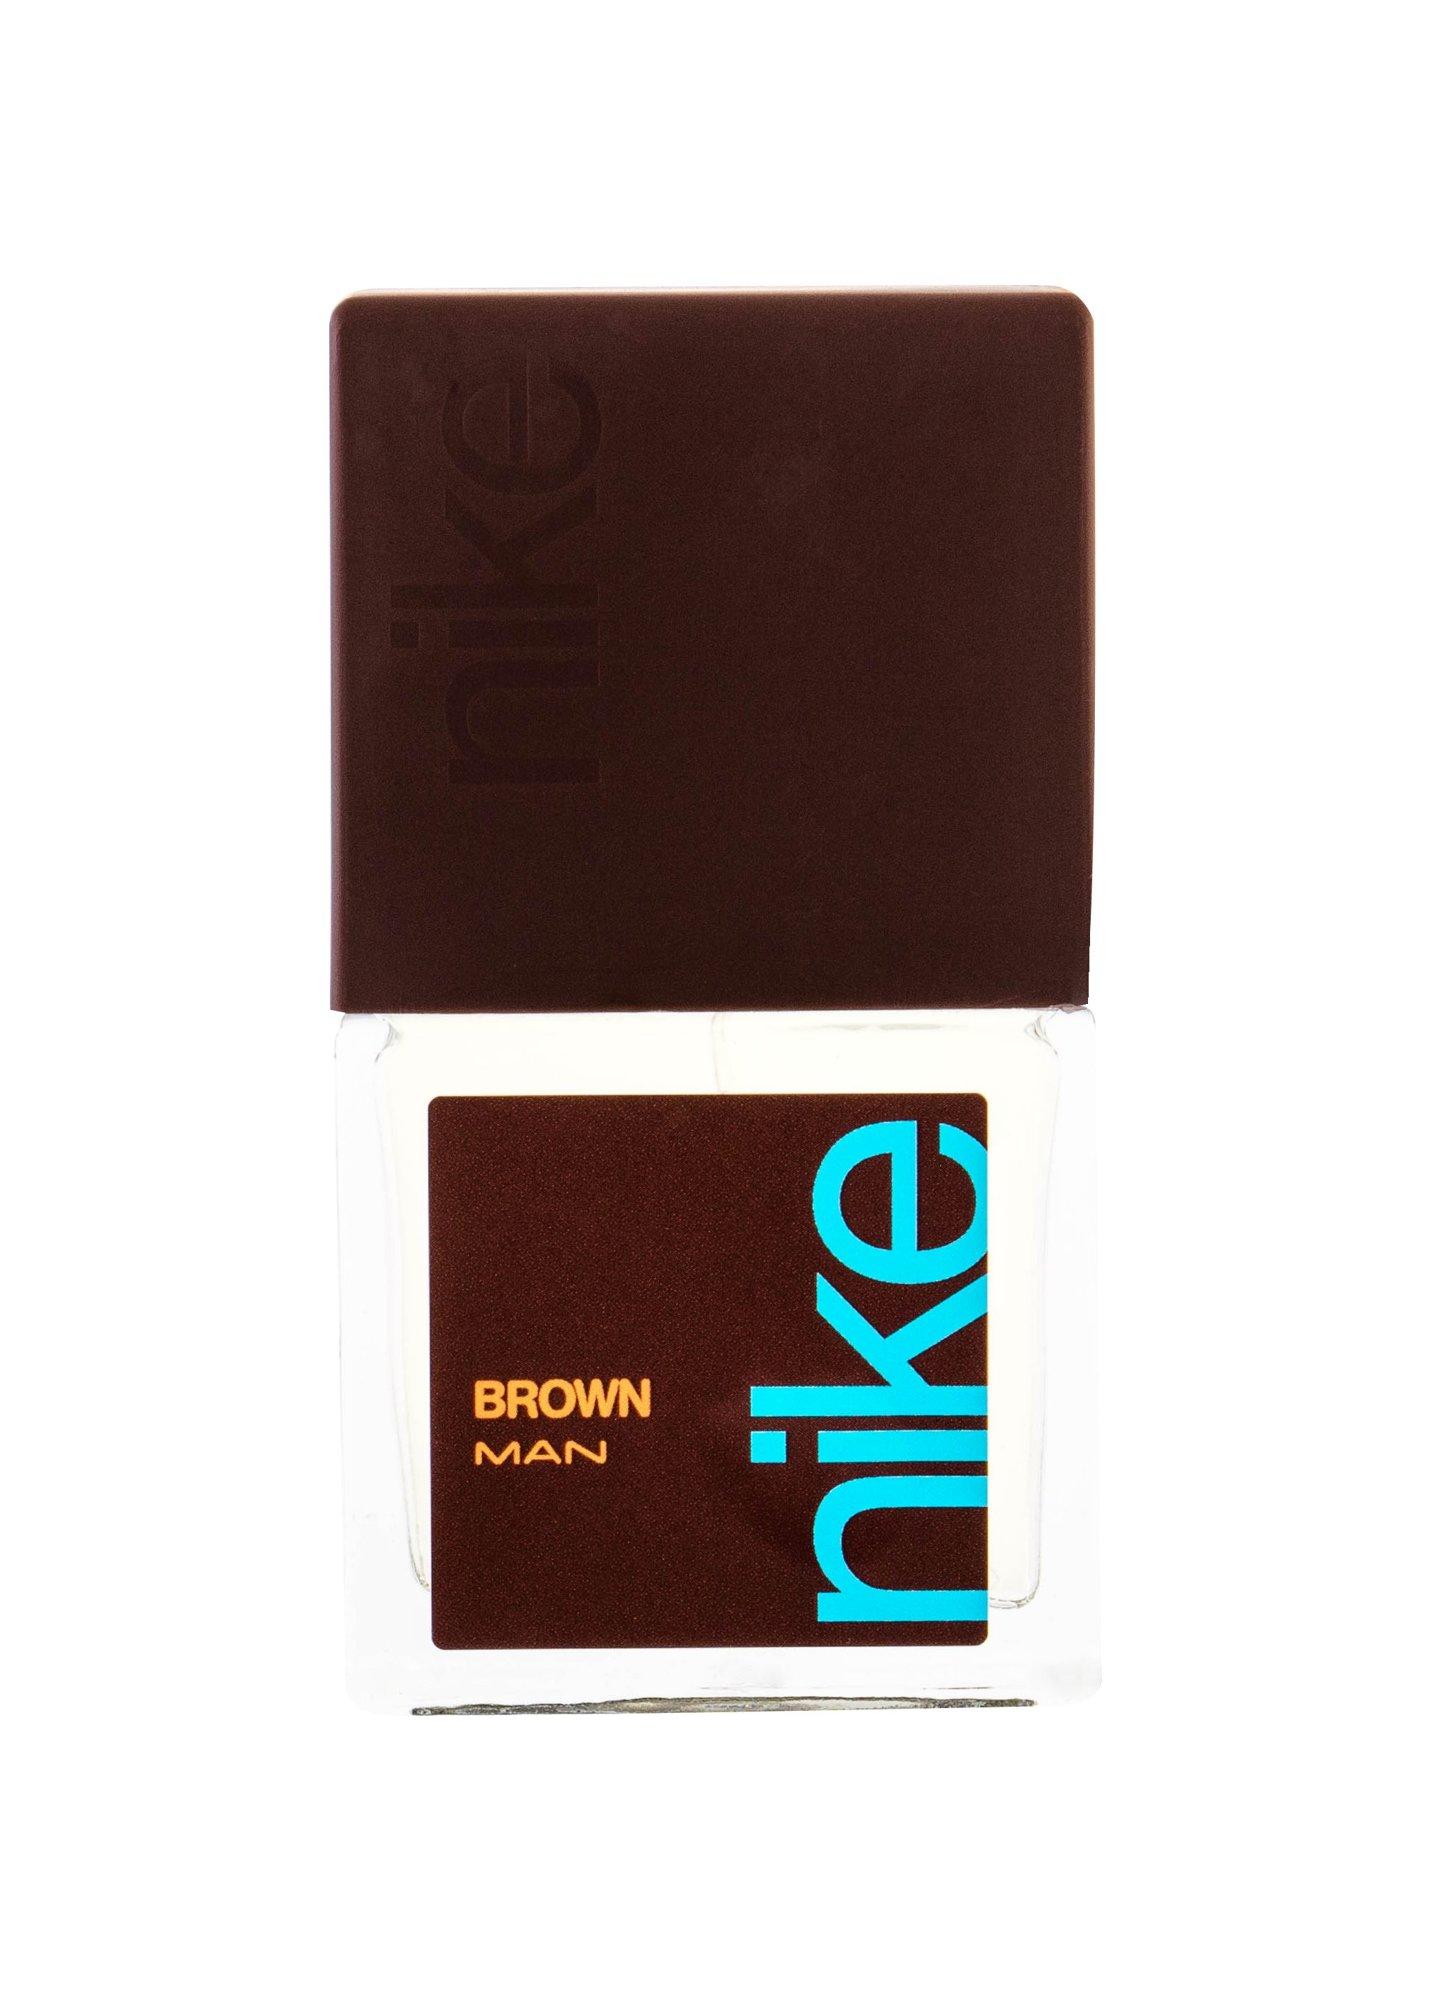 Nike Perfumes Brown Man Eau de Toilette 30ml